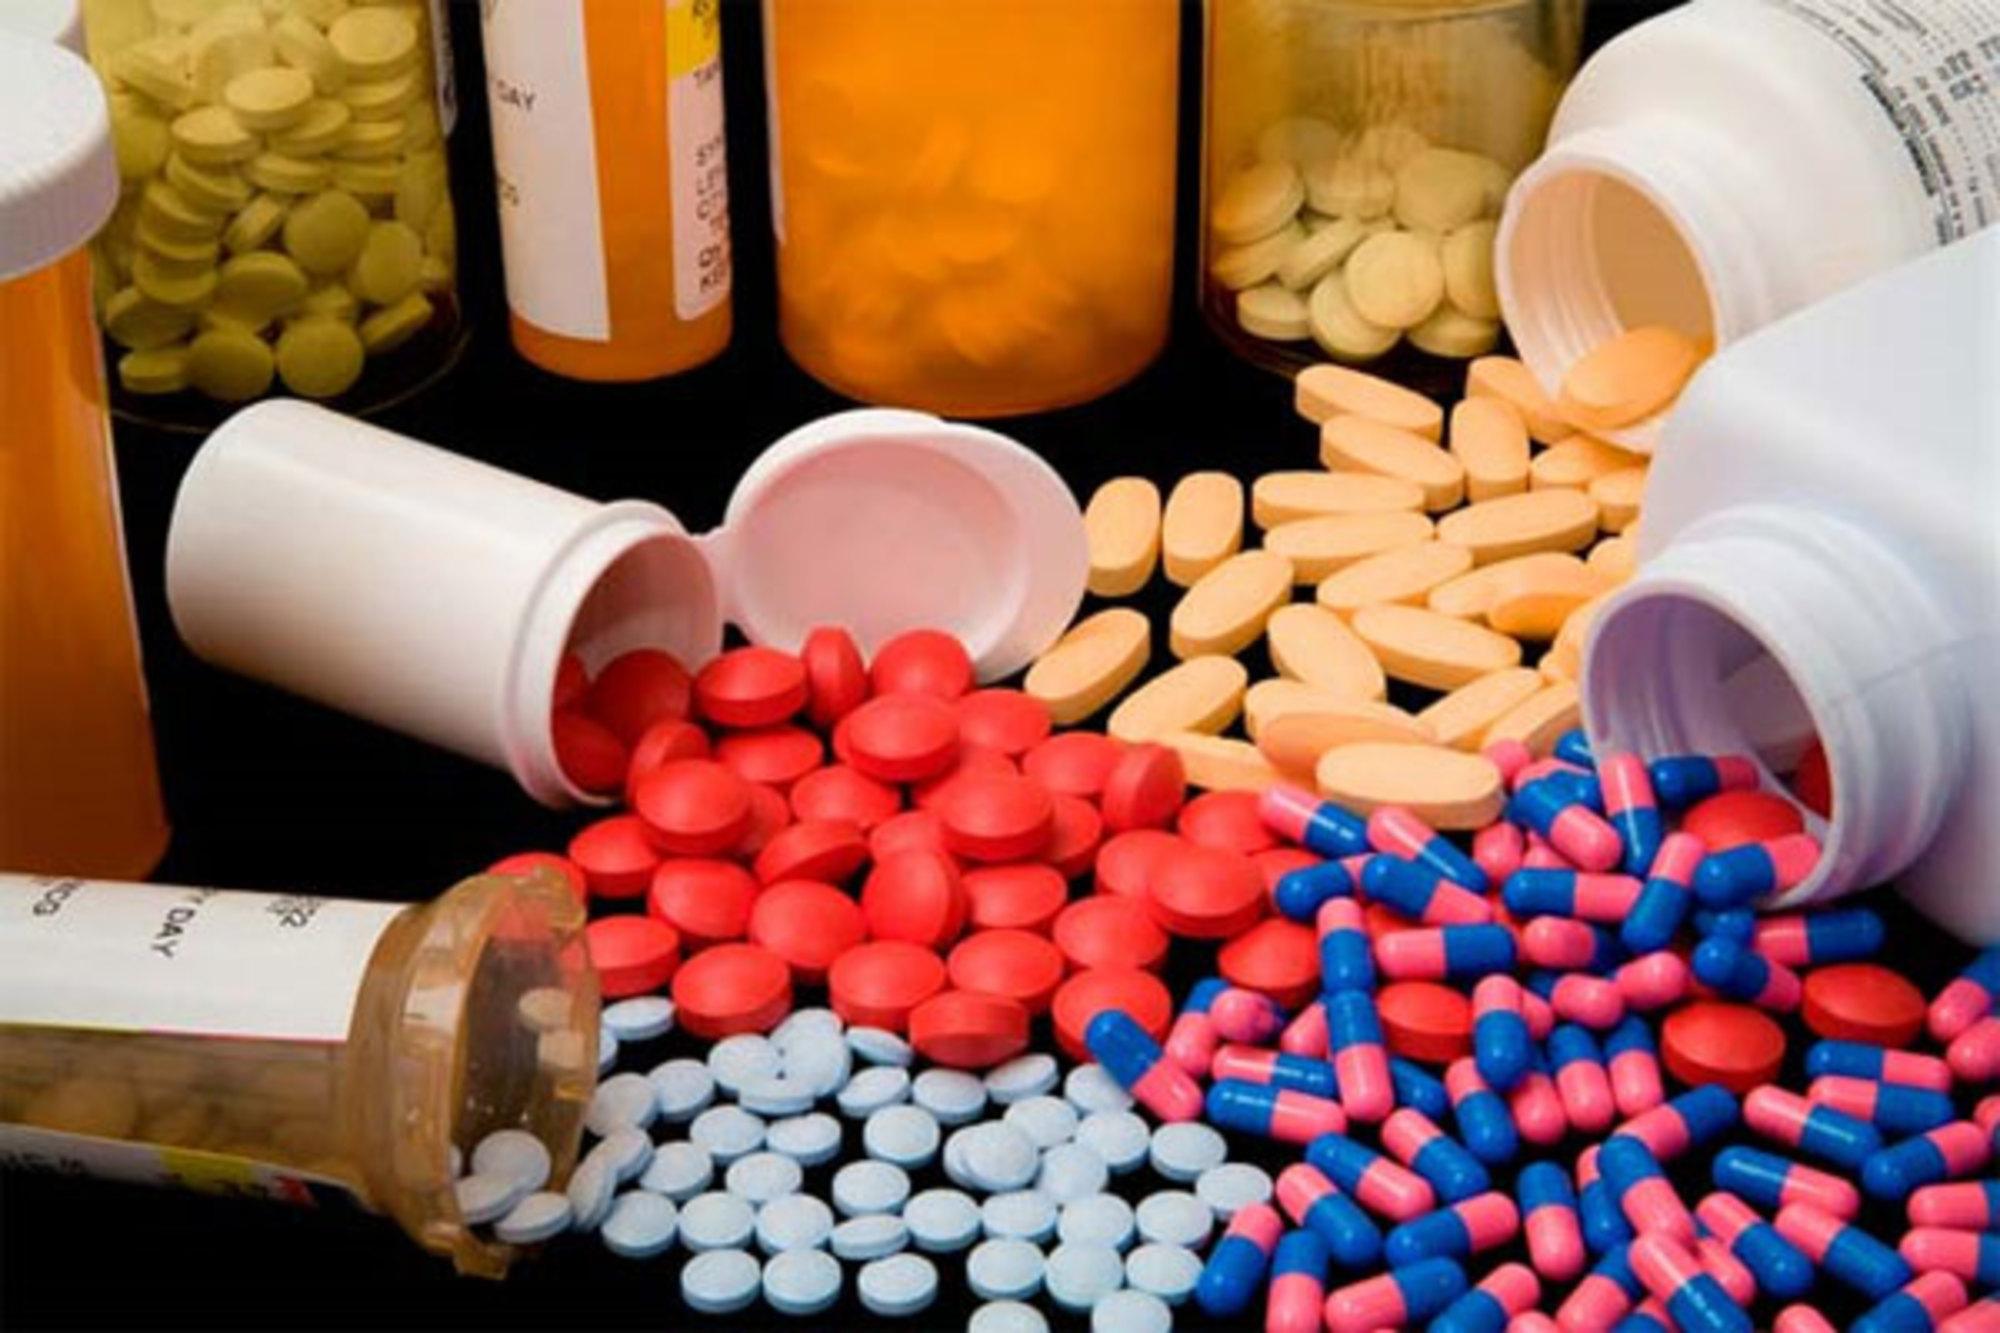 Антибиотики простатите препараты от хронического простатита форум